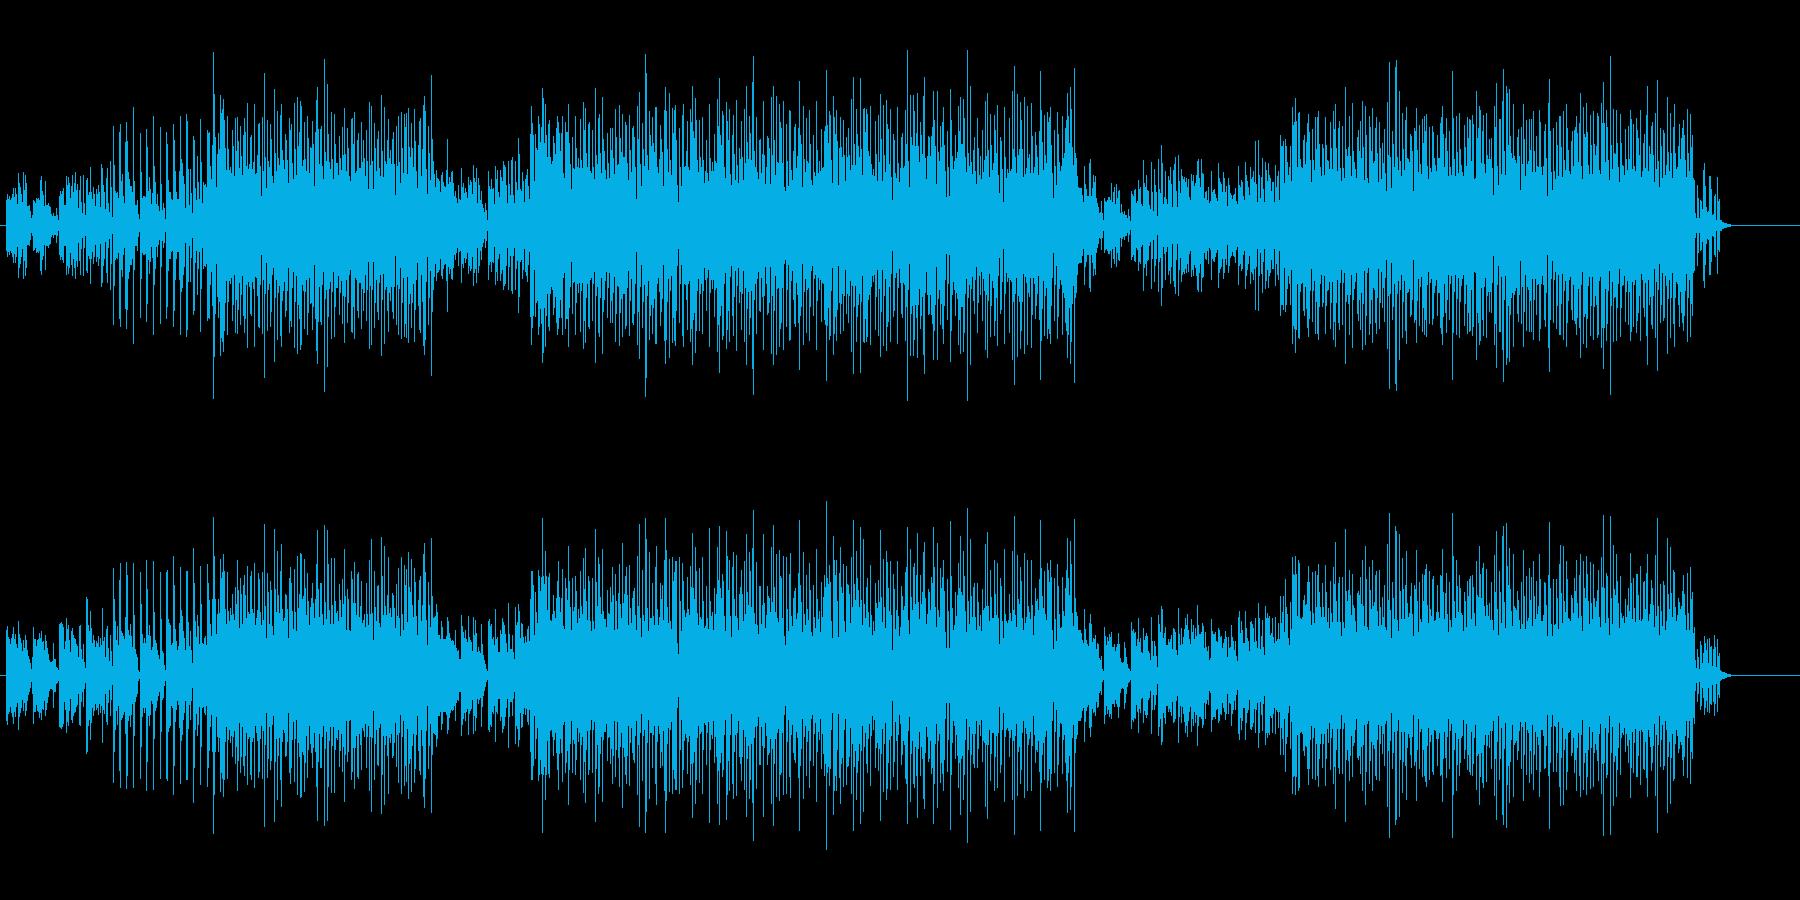 スウィンギーなACID JAZZの再生済みの波形